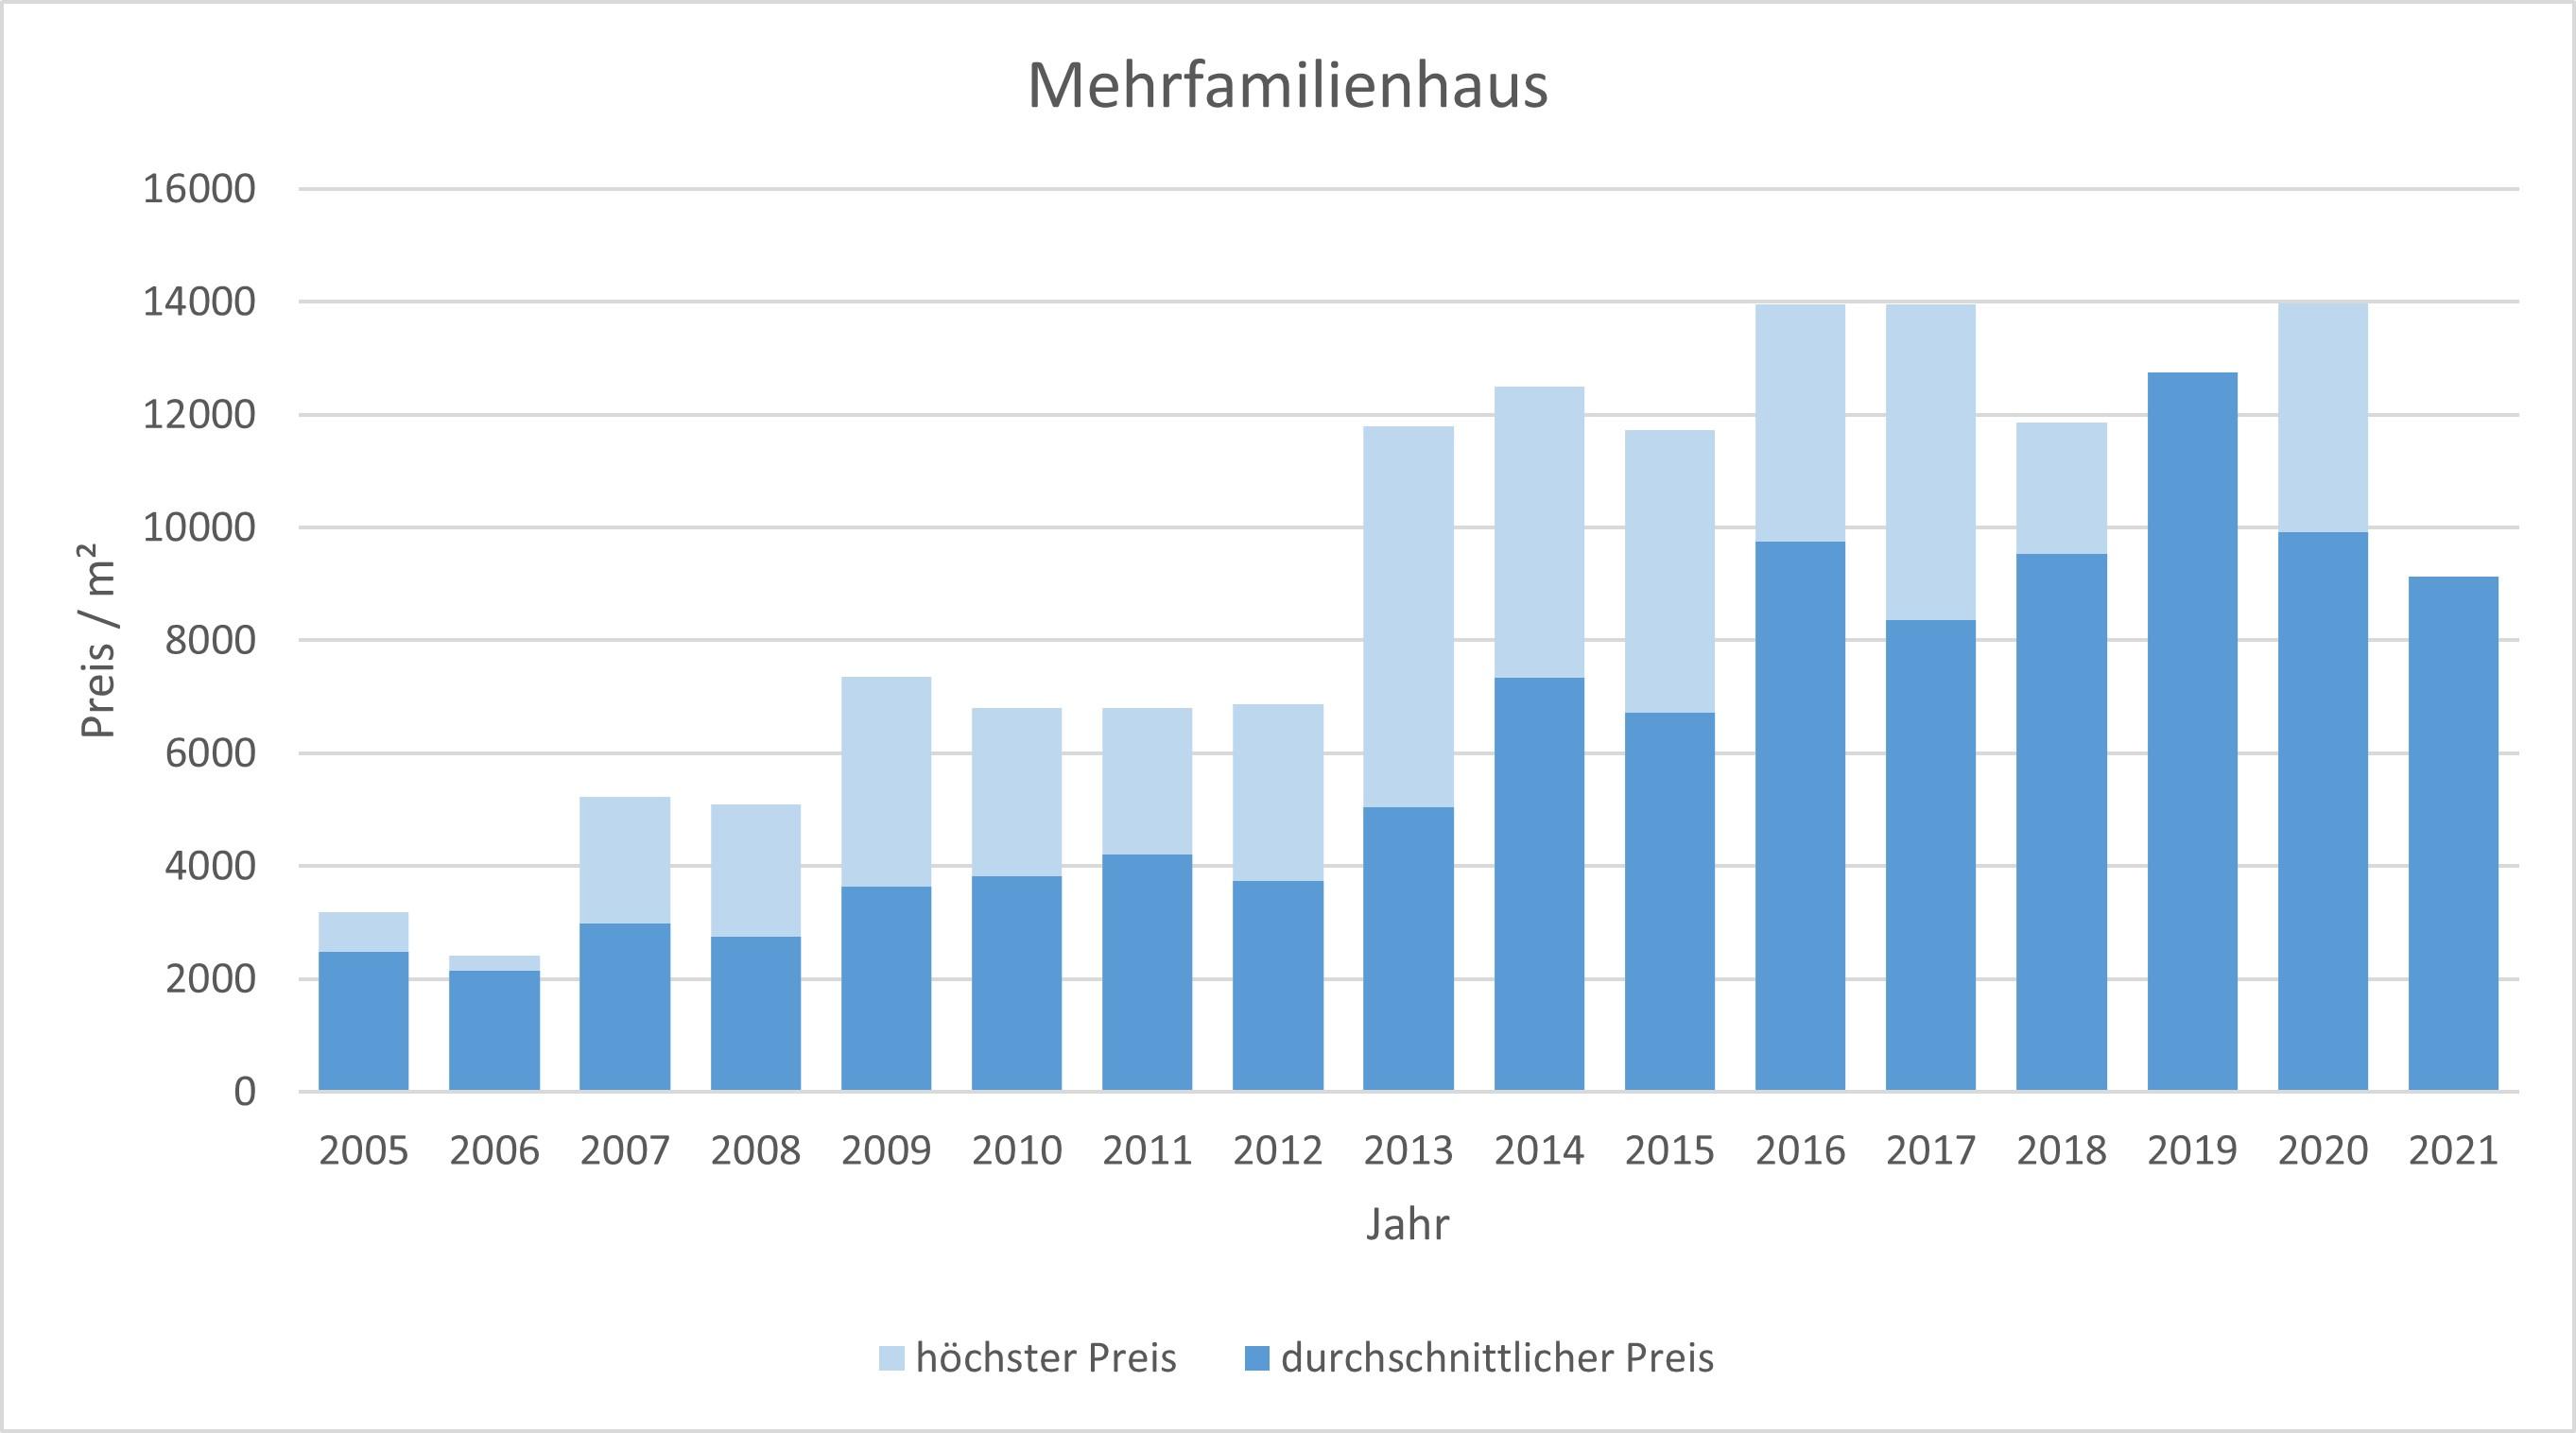 München - Neuhausen Mehrfamilienhaus kaufen verkaufen Preis Bewertung Makler 2019 2020 2021 www.happy-immo.de